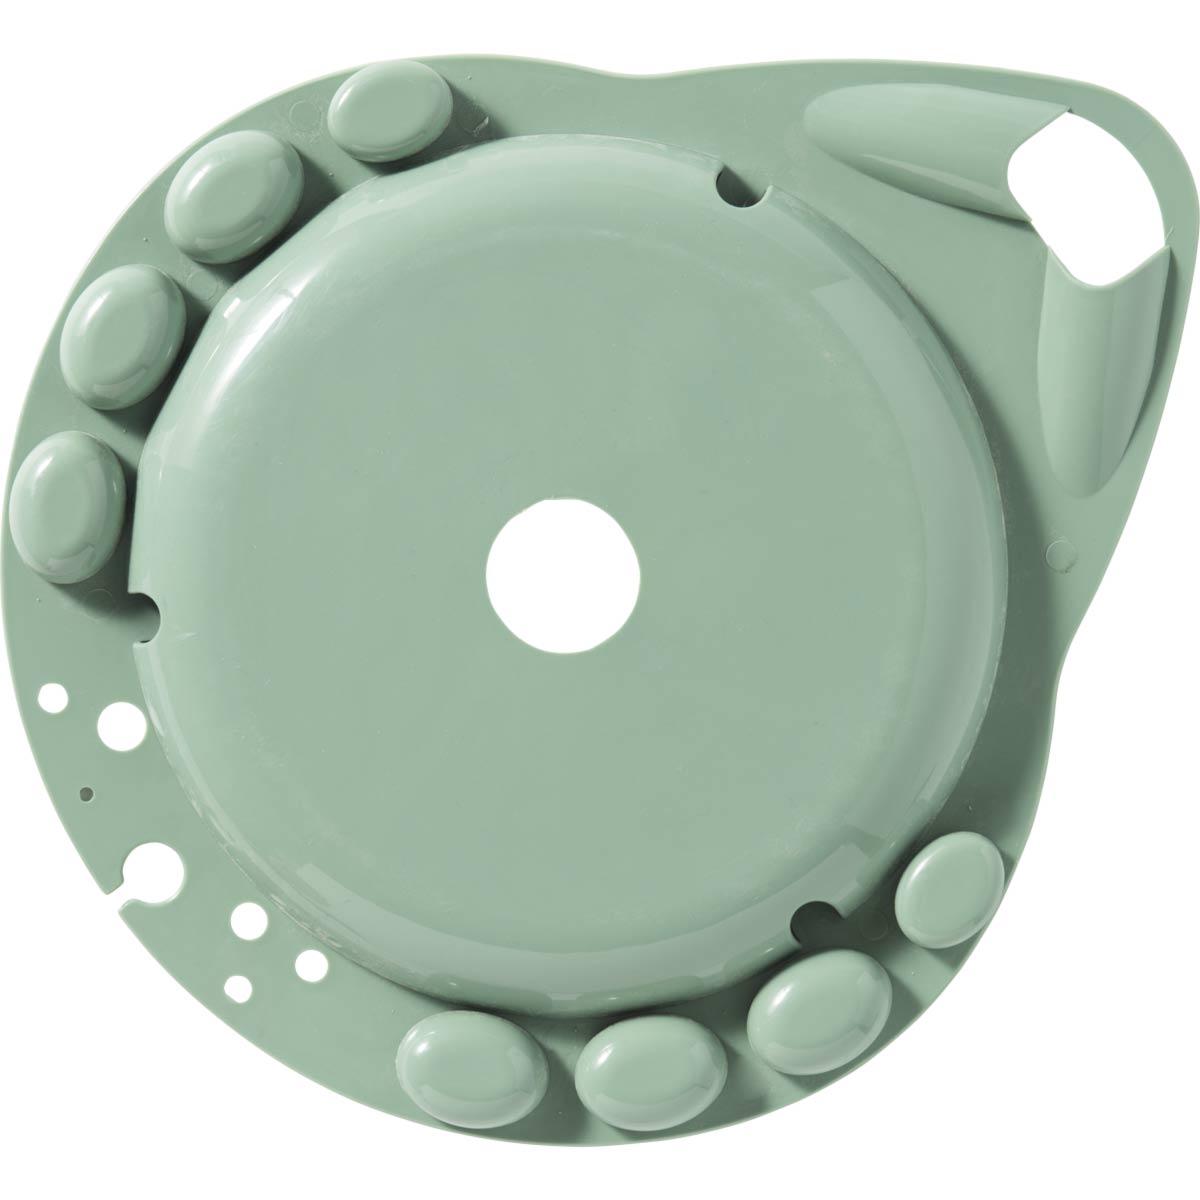 FolkArt ® One Stroke™ Accessories - Palette